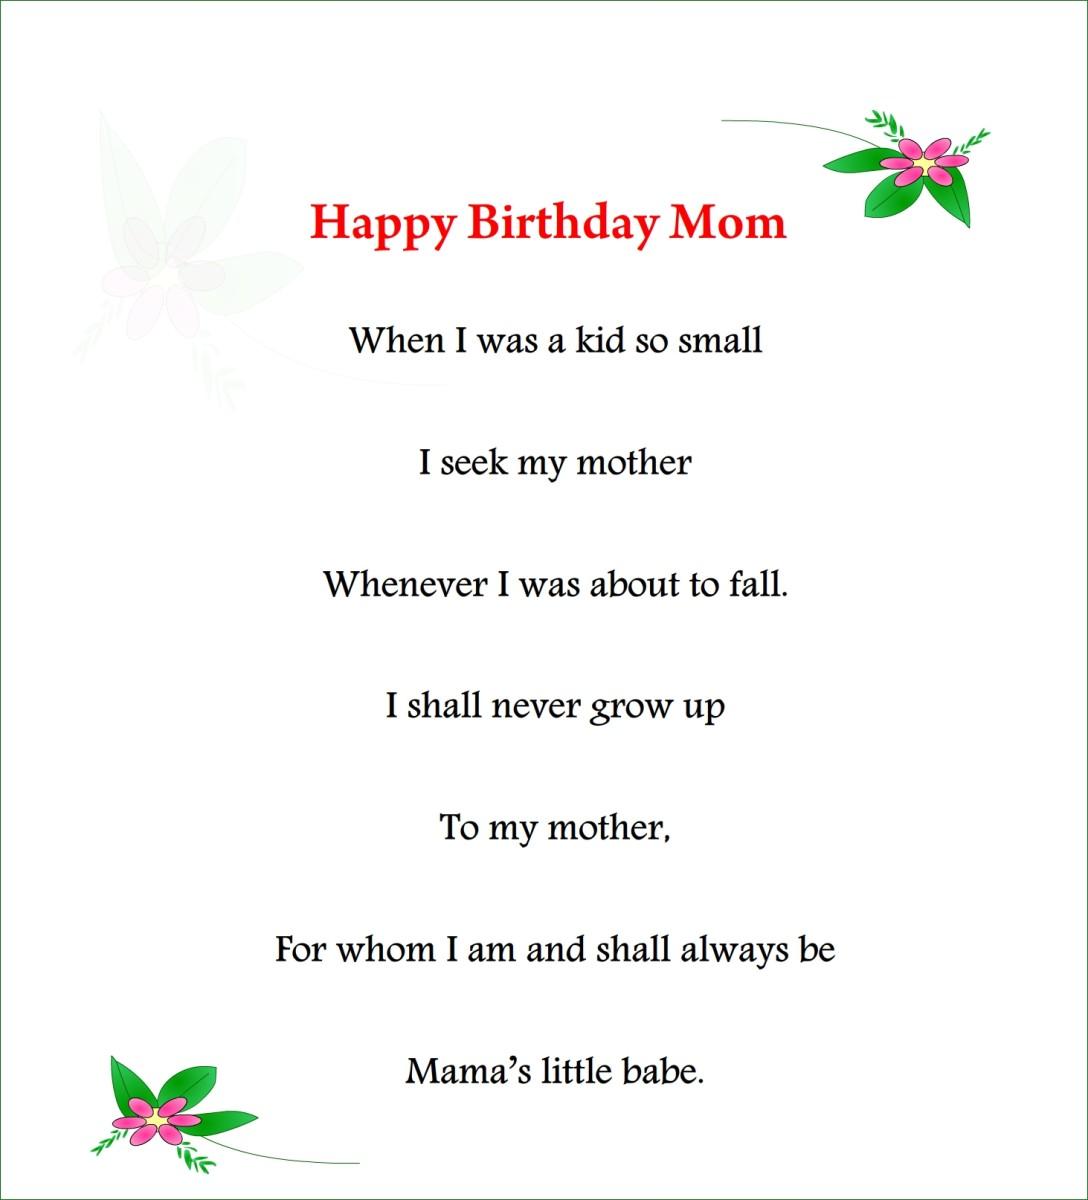 happy birthday mom poem